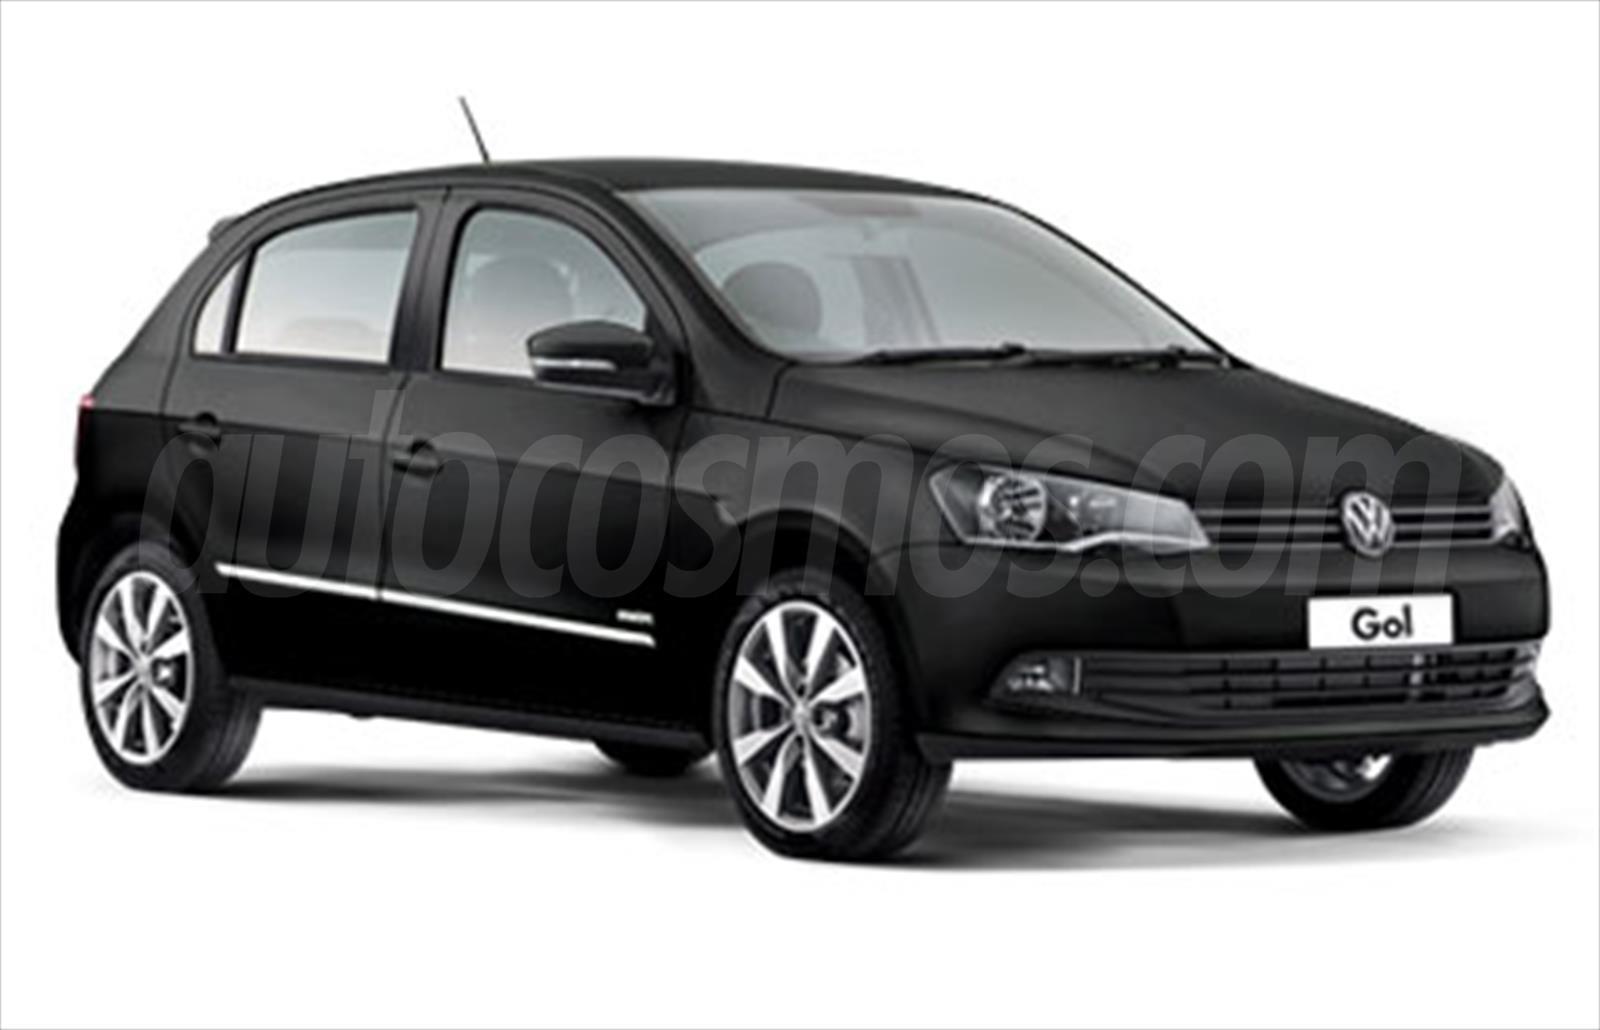 Venta autos usado - Buenos Aires GBA - Volkswagen Gol